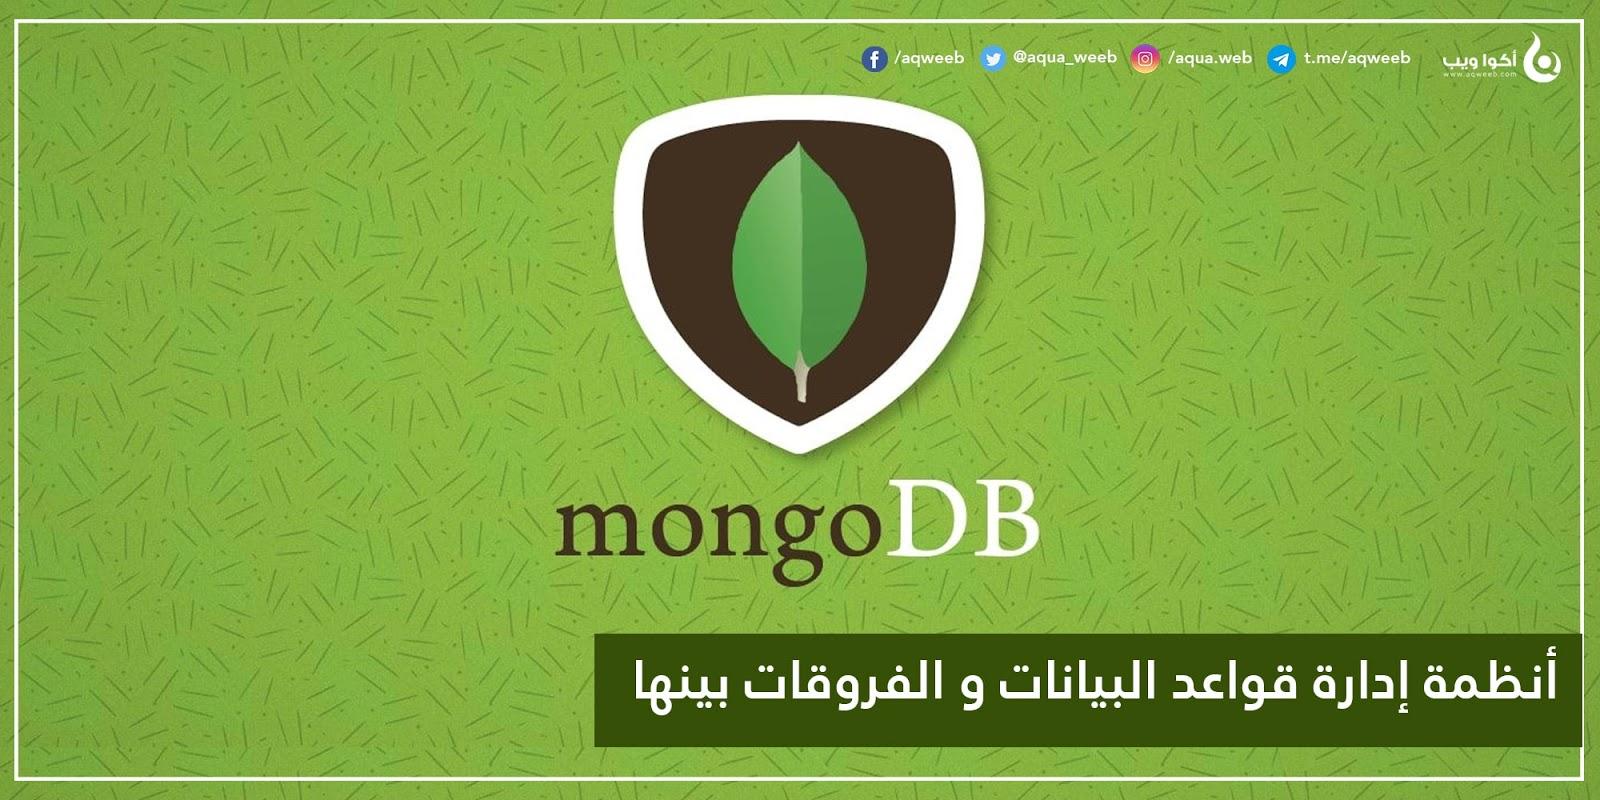 أنظمة إدارة قواعد البيانات و الفروقات بينها (MySQL / Postgre / MongoDb ...)